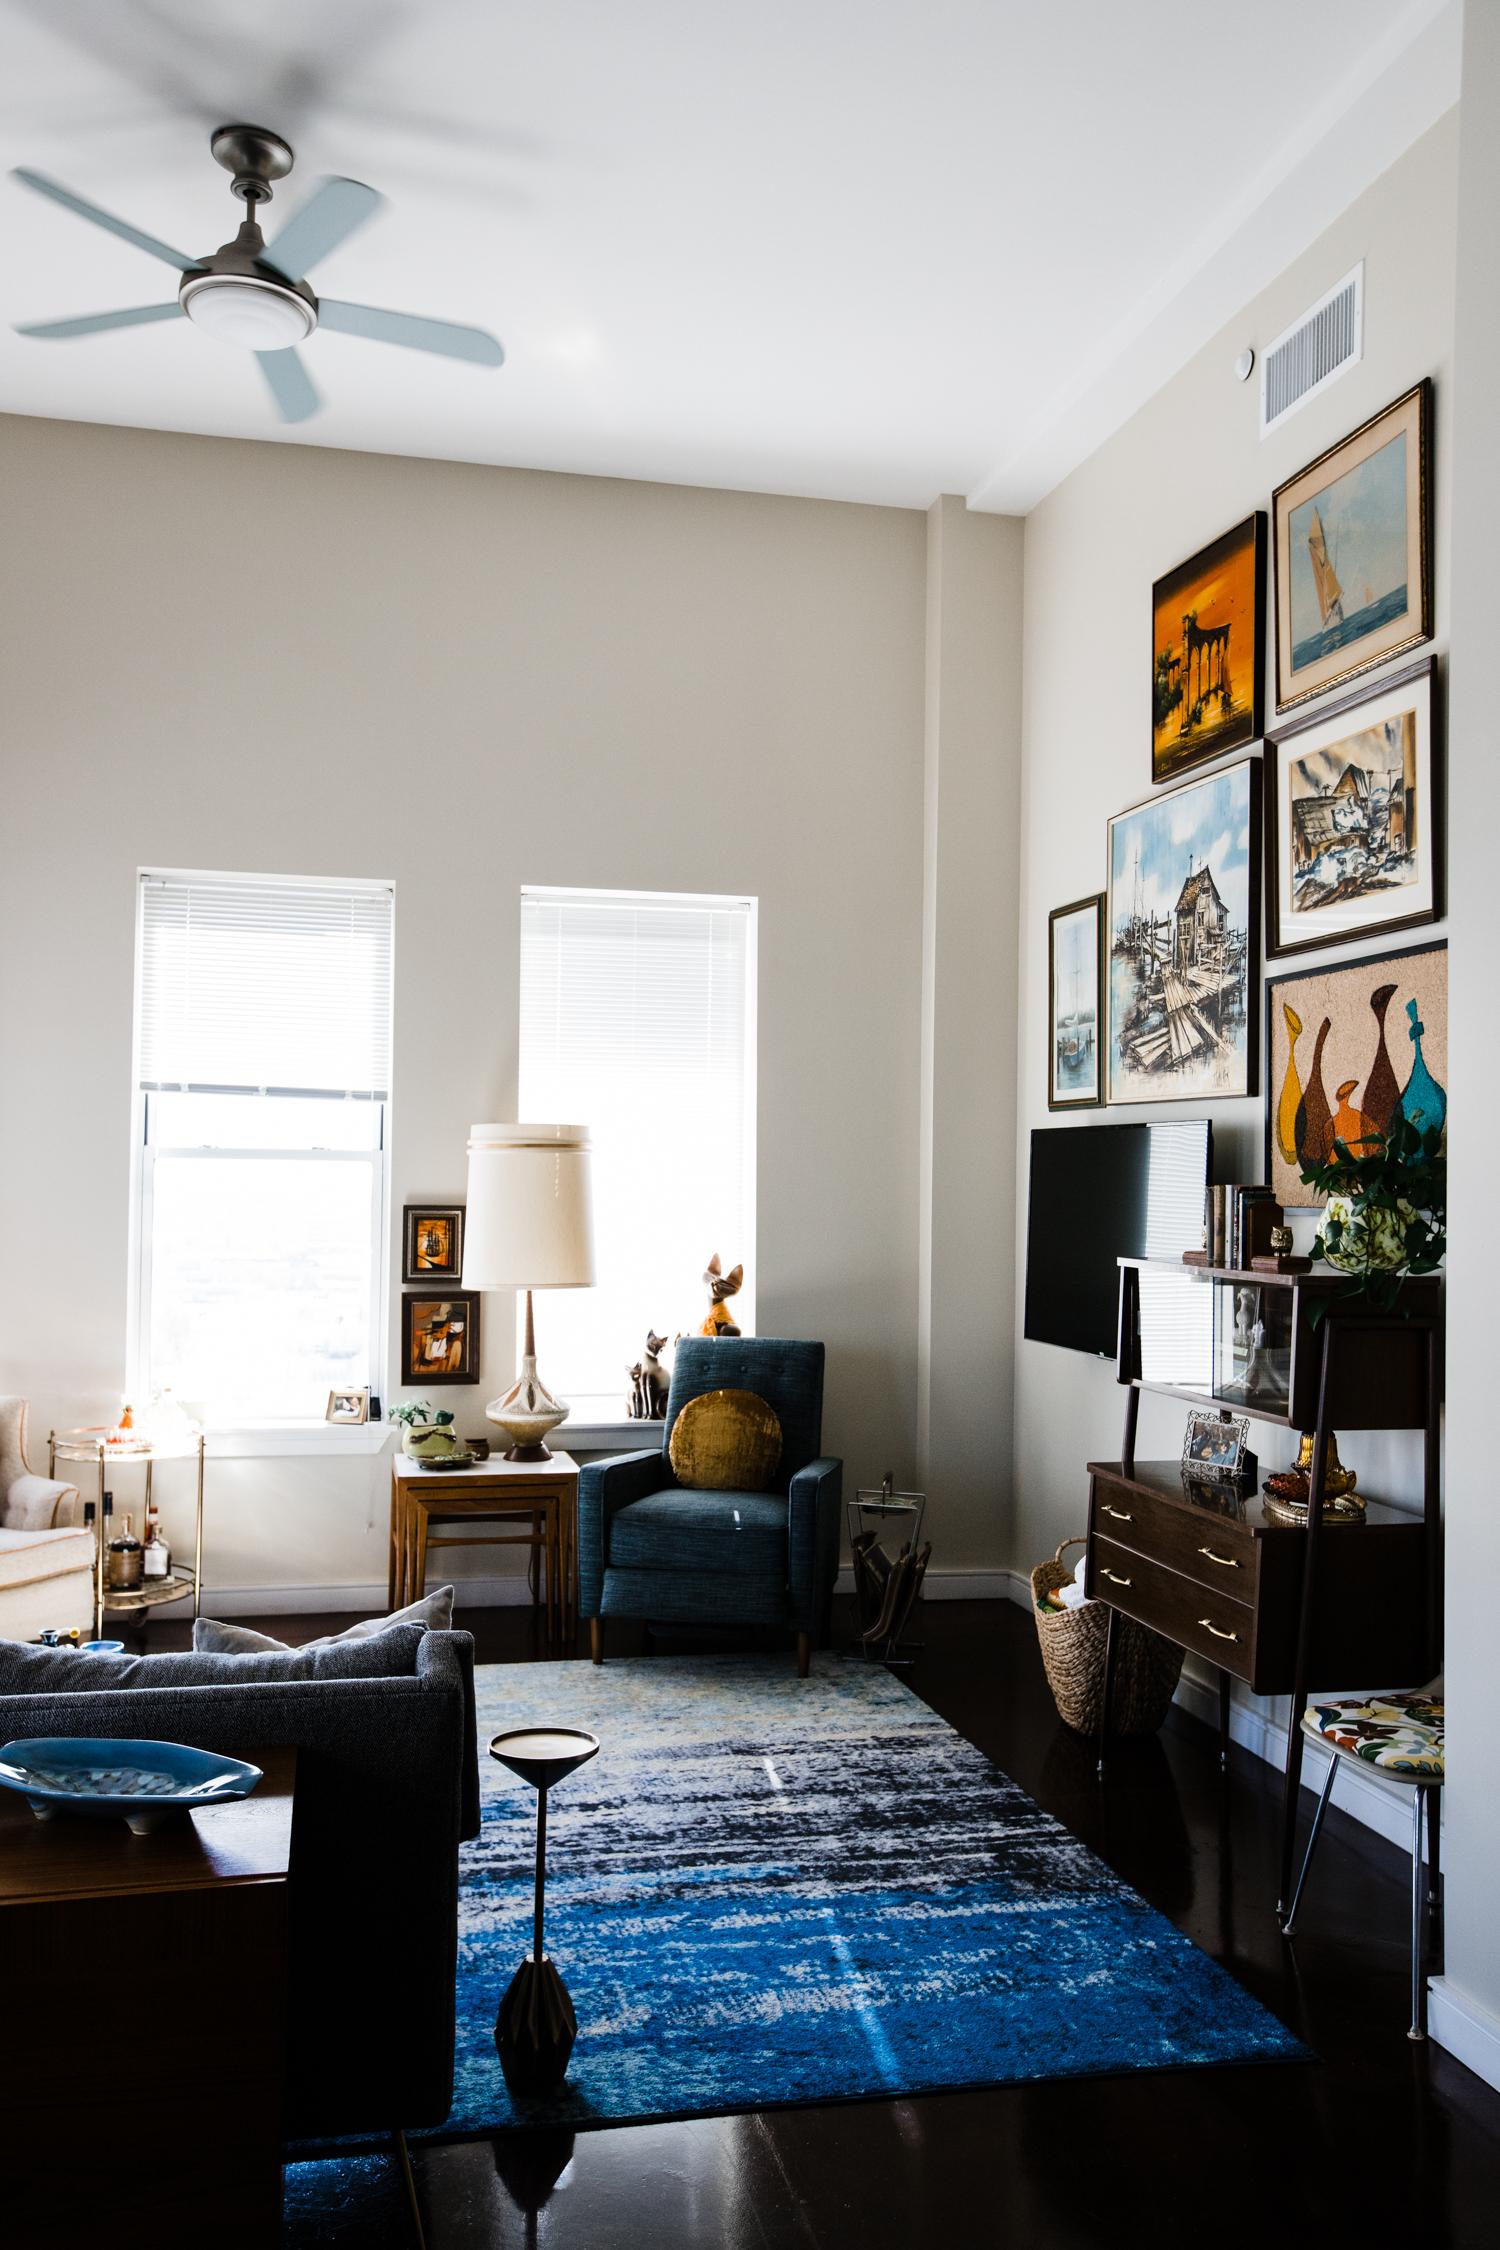 retro_apartment-4.jpg